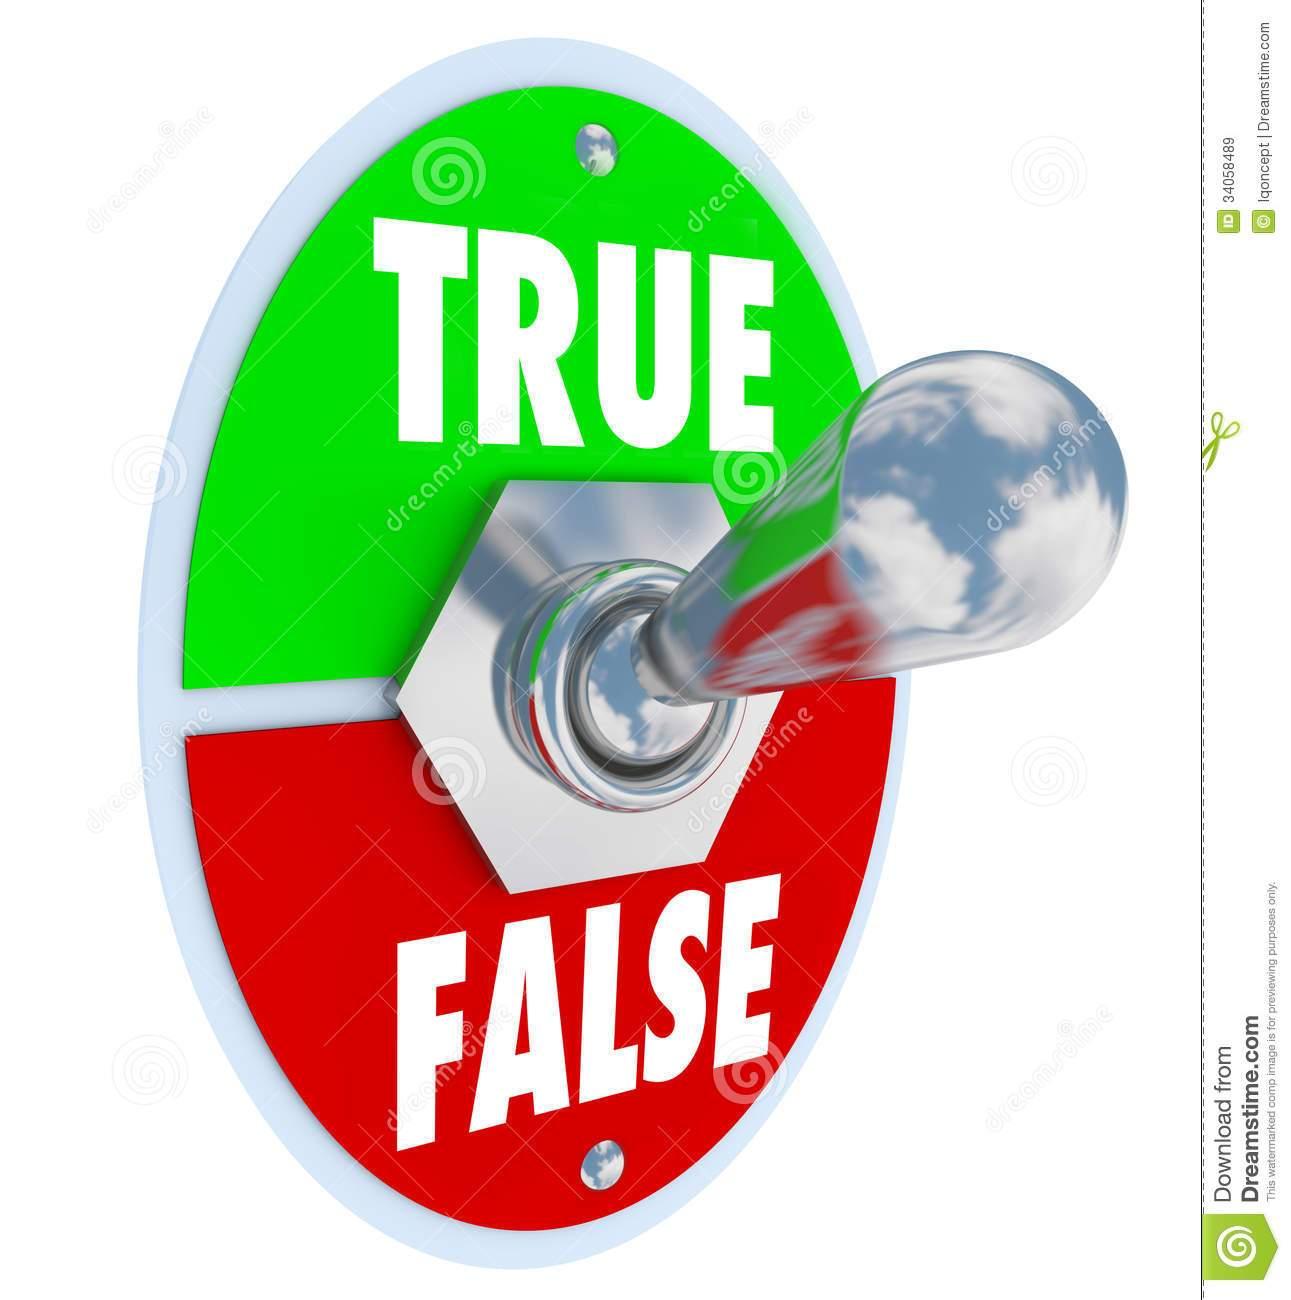 True false clipart 9 » Clipart Portal.